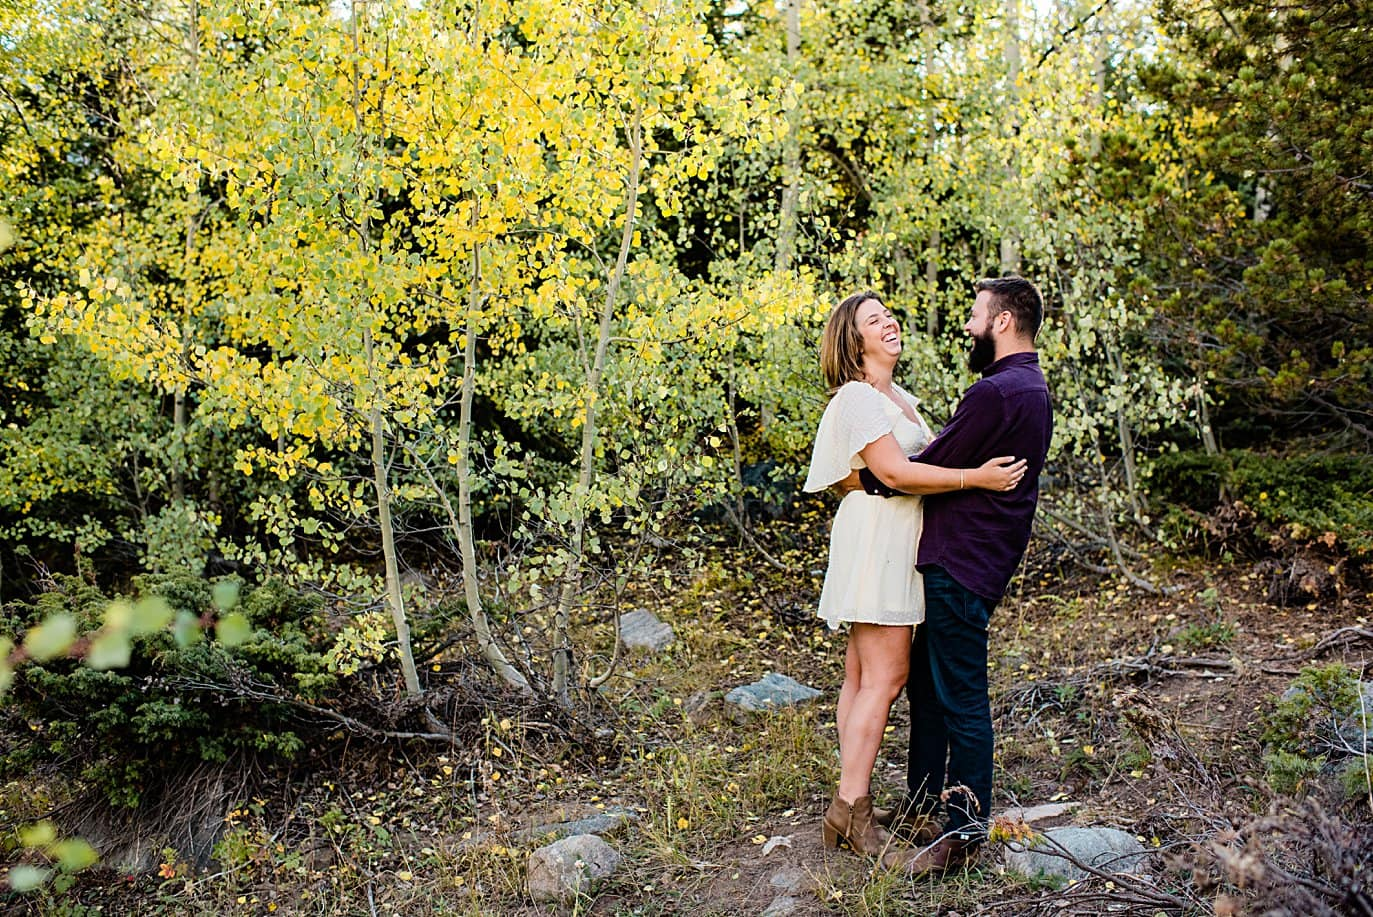 Alberta falls engagement session by Estes Park engagement photographer Jennie Crate